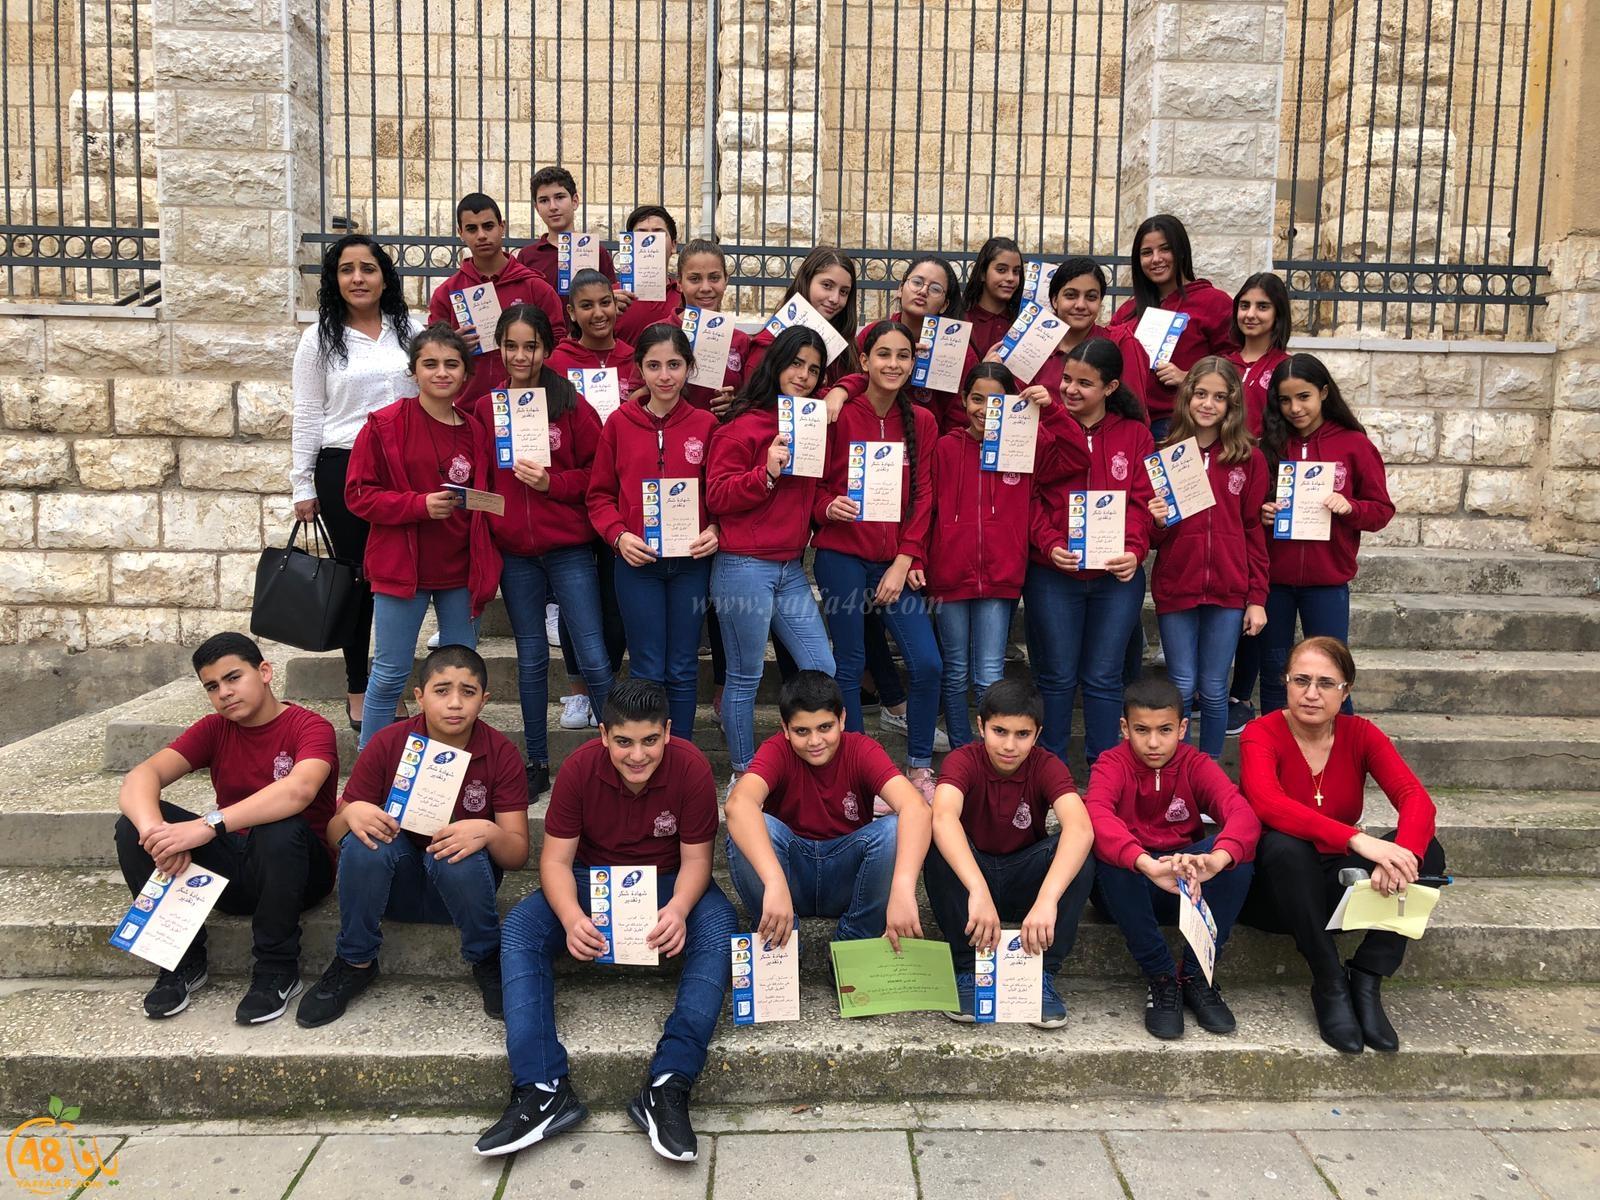 طلاب مدرسة تراسنطا بيافا يجمعون 7 ألاف شيكل ضمن حملة لمكافحة السرطان